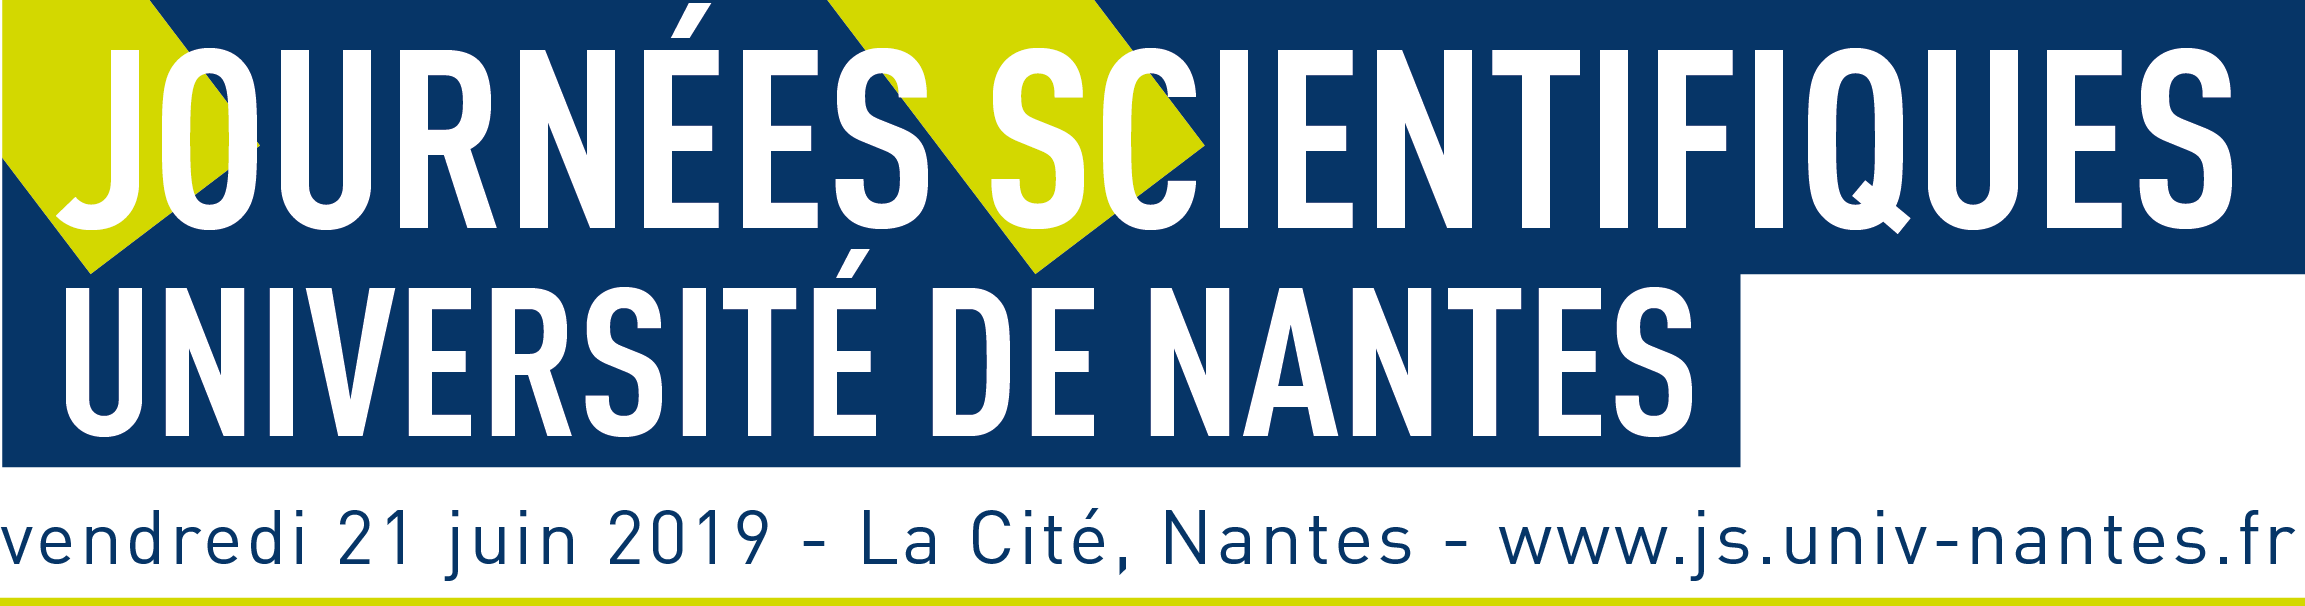 Journées scientifiques de l'UN